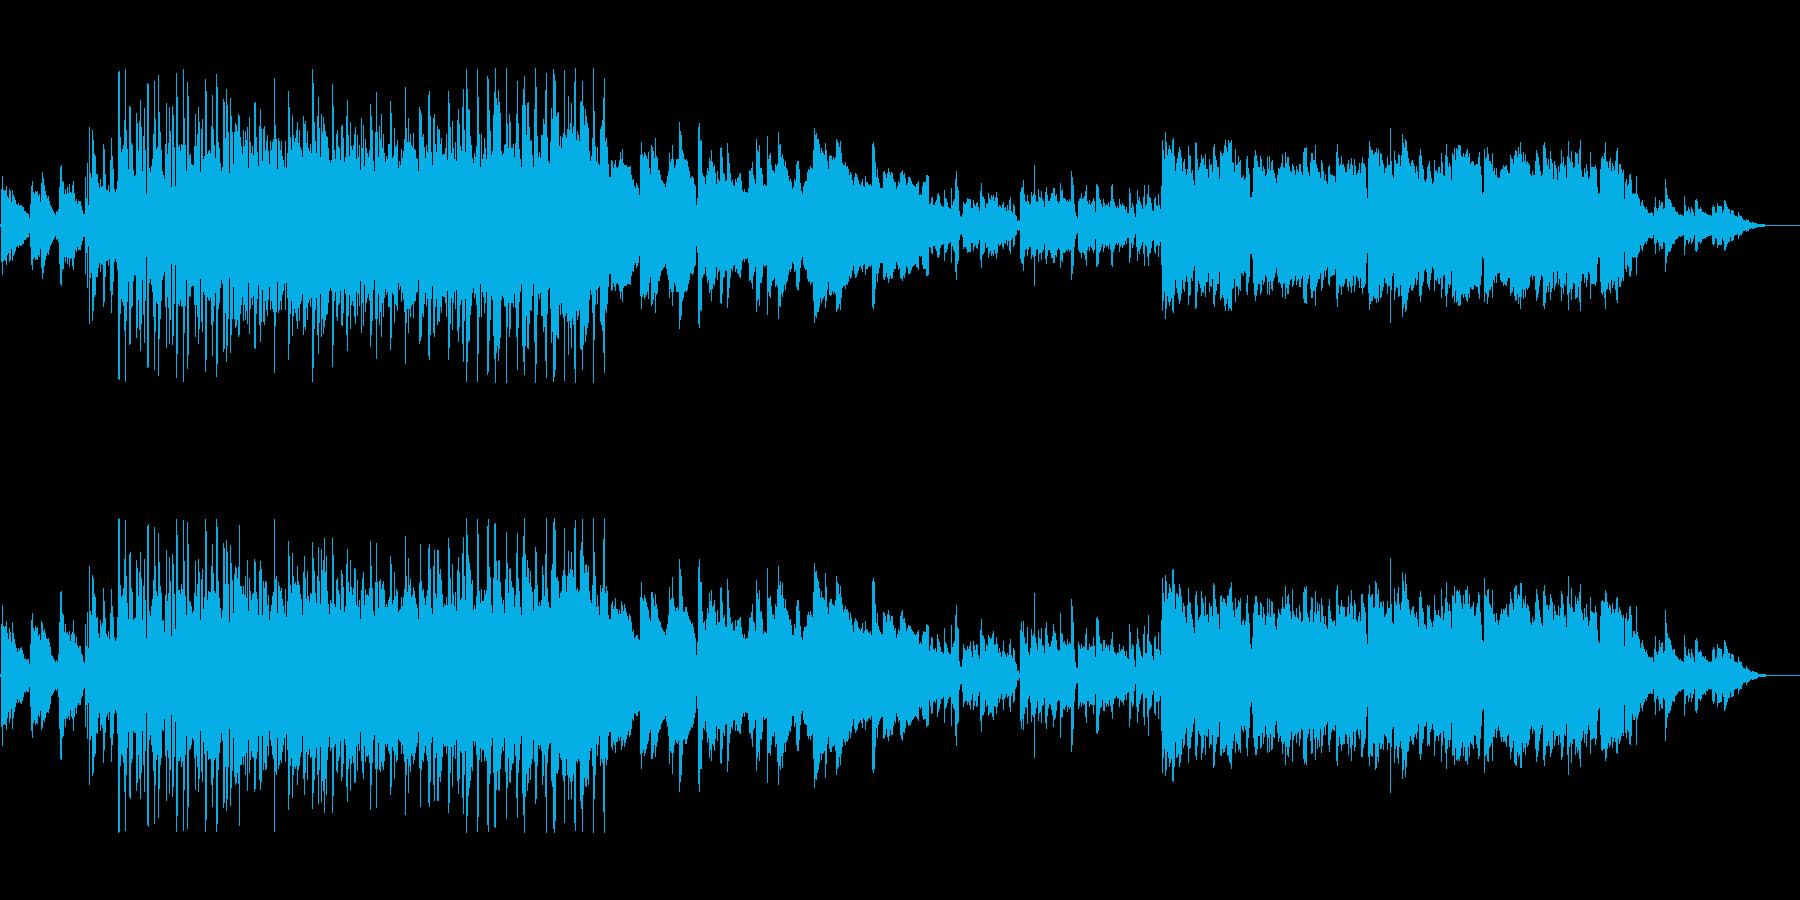 朝の目覚めにあうブリティッシュ的ロックの再生済みの波形